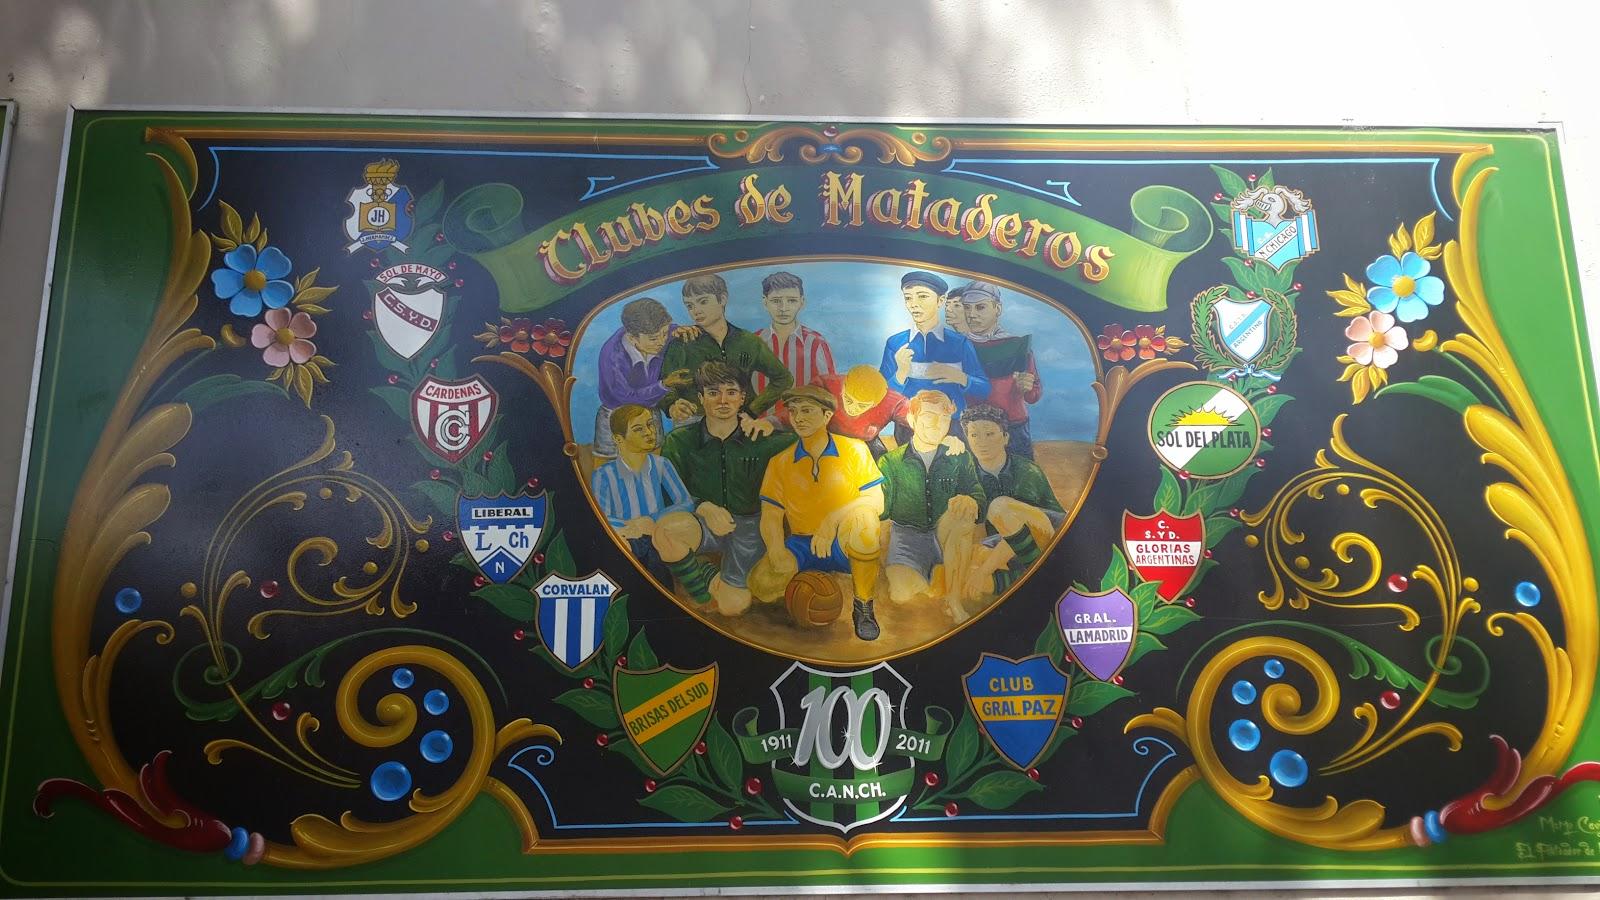 Her ldica en la argentina clubes de mataderos for El mural guadalajara avisos de ocasion